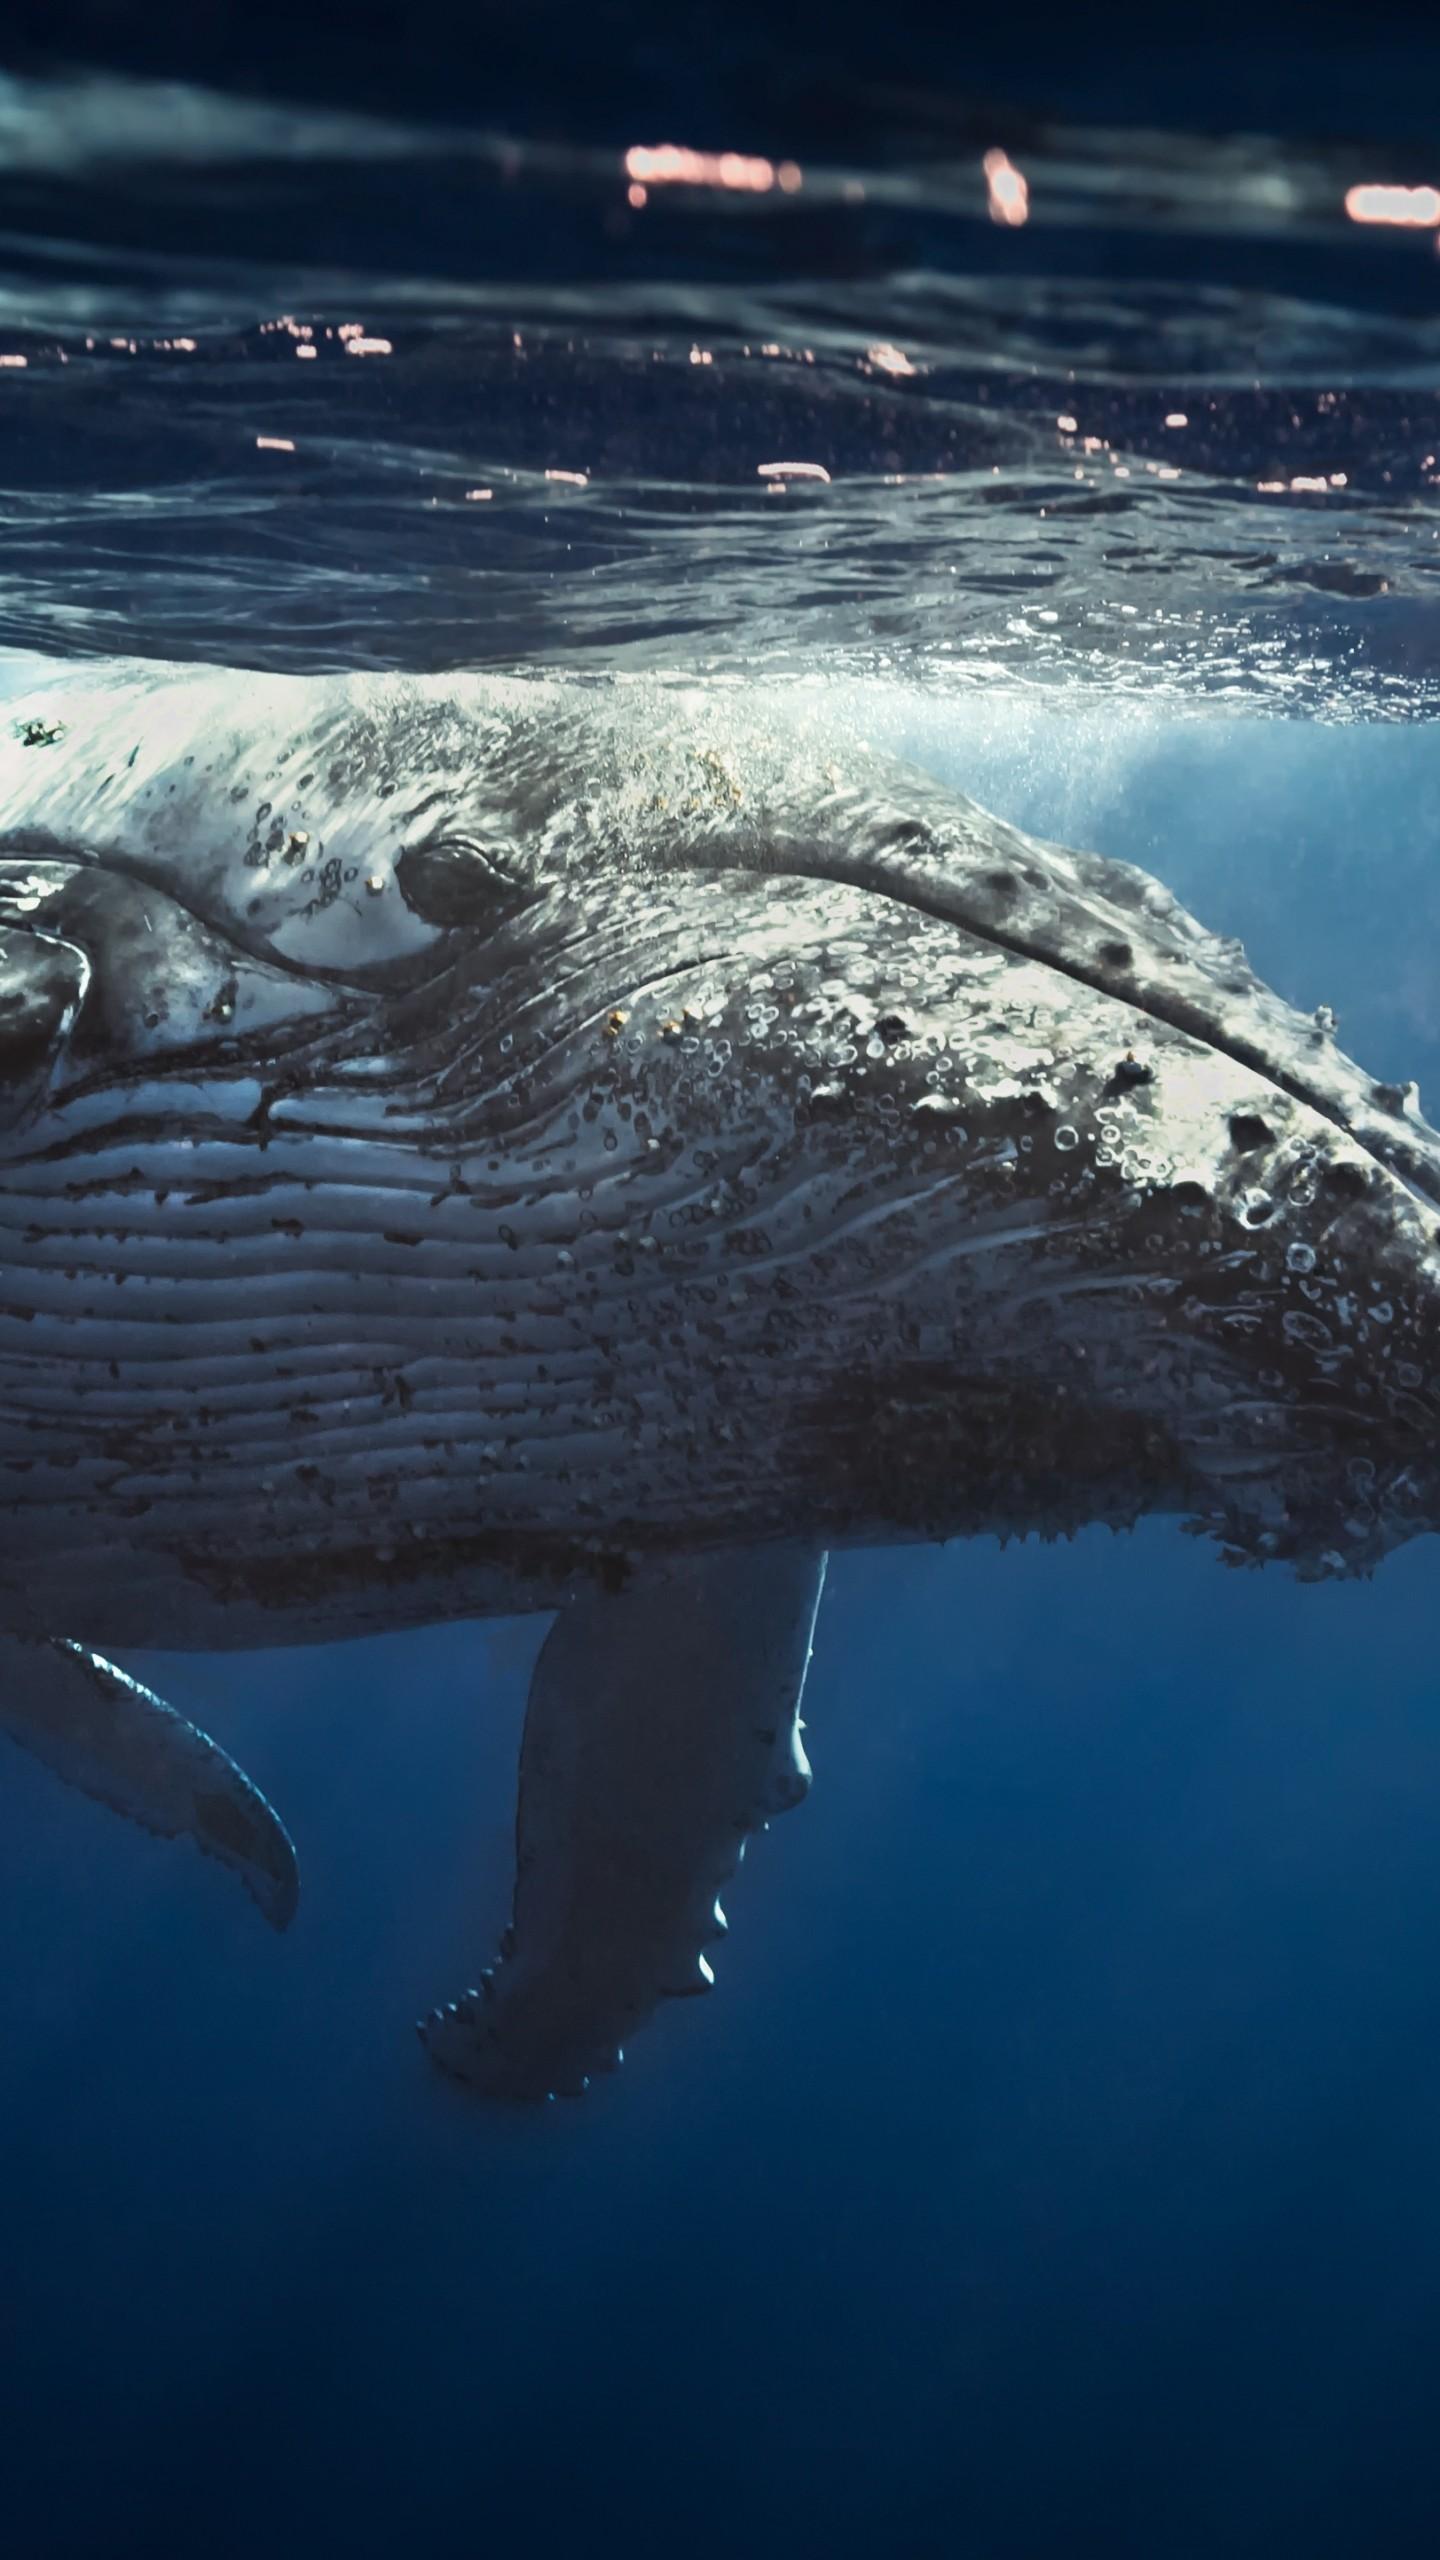 wallpaper underwater  whale  4k  animals  18612